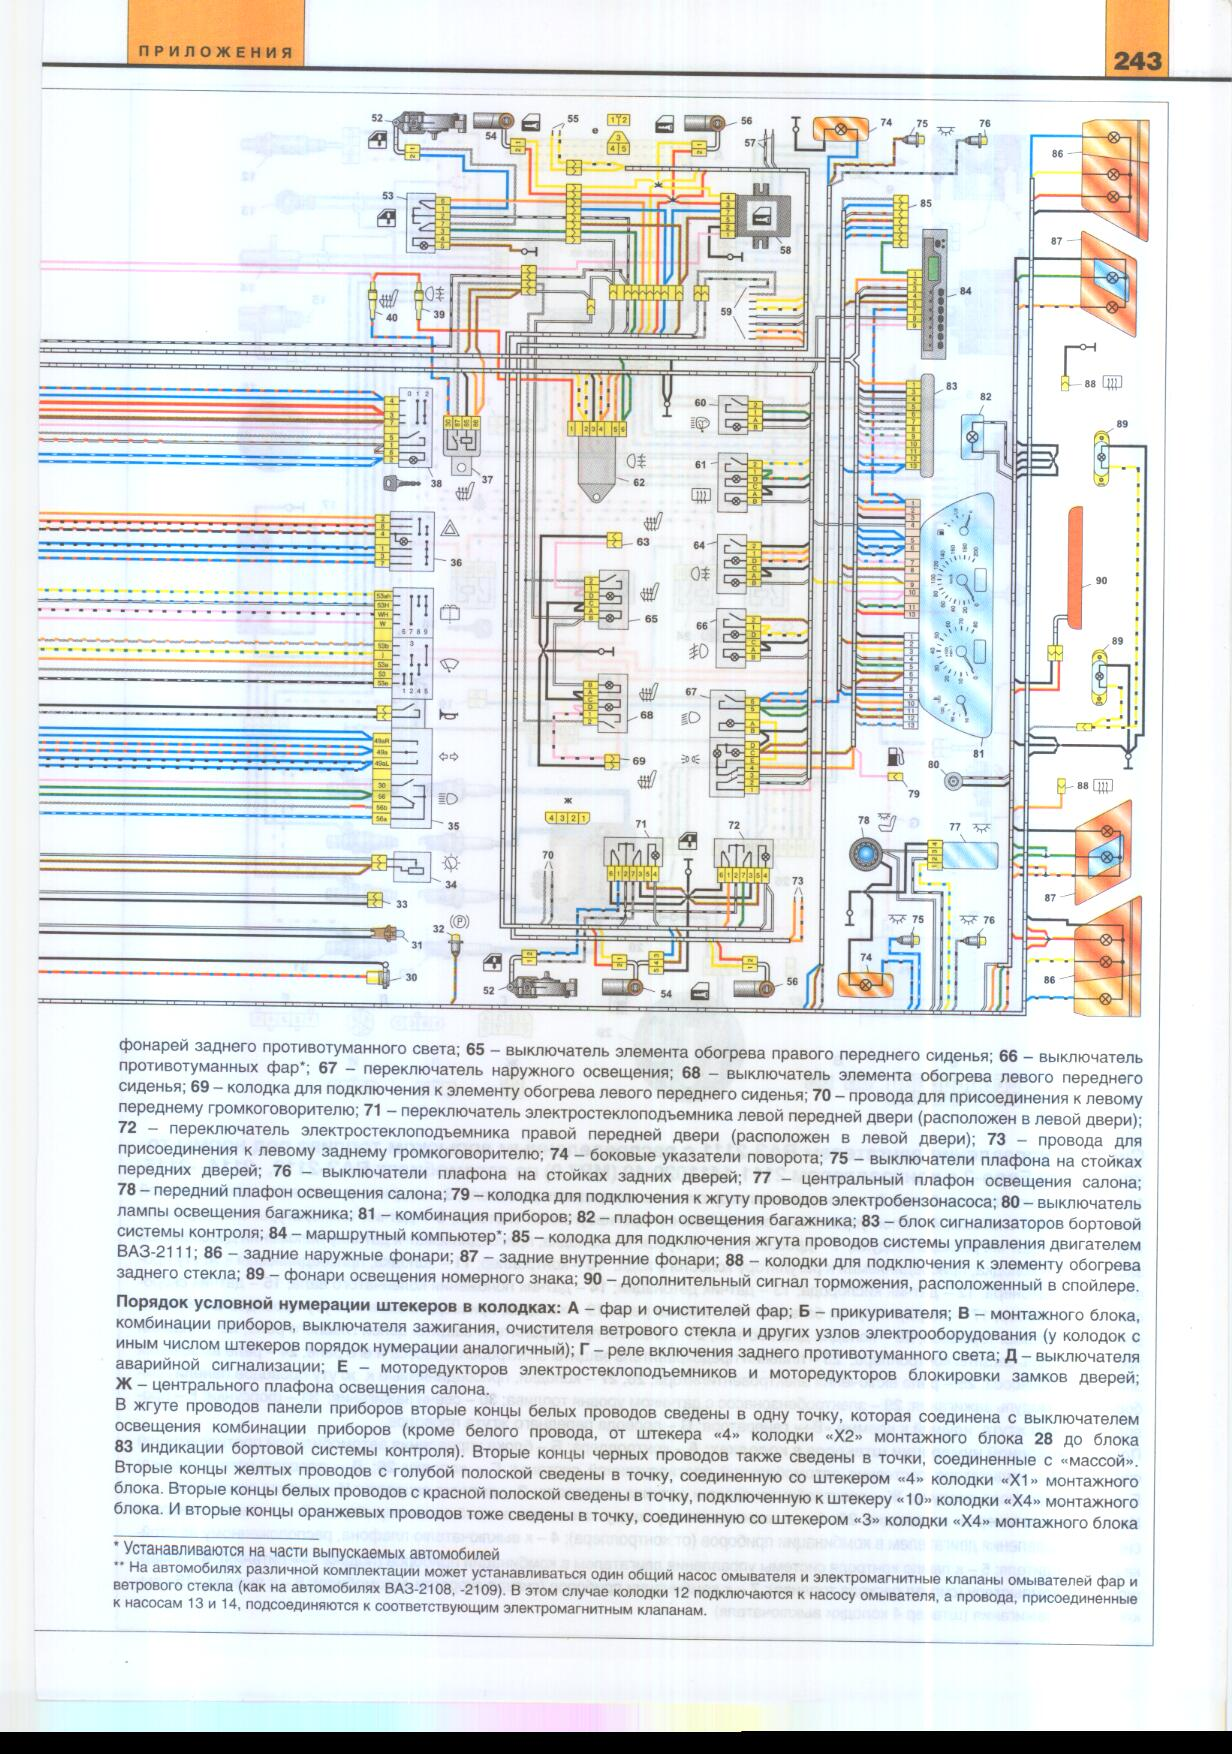 Комбинация приборов 2108 схема подключения